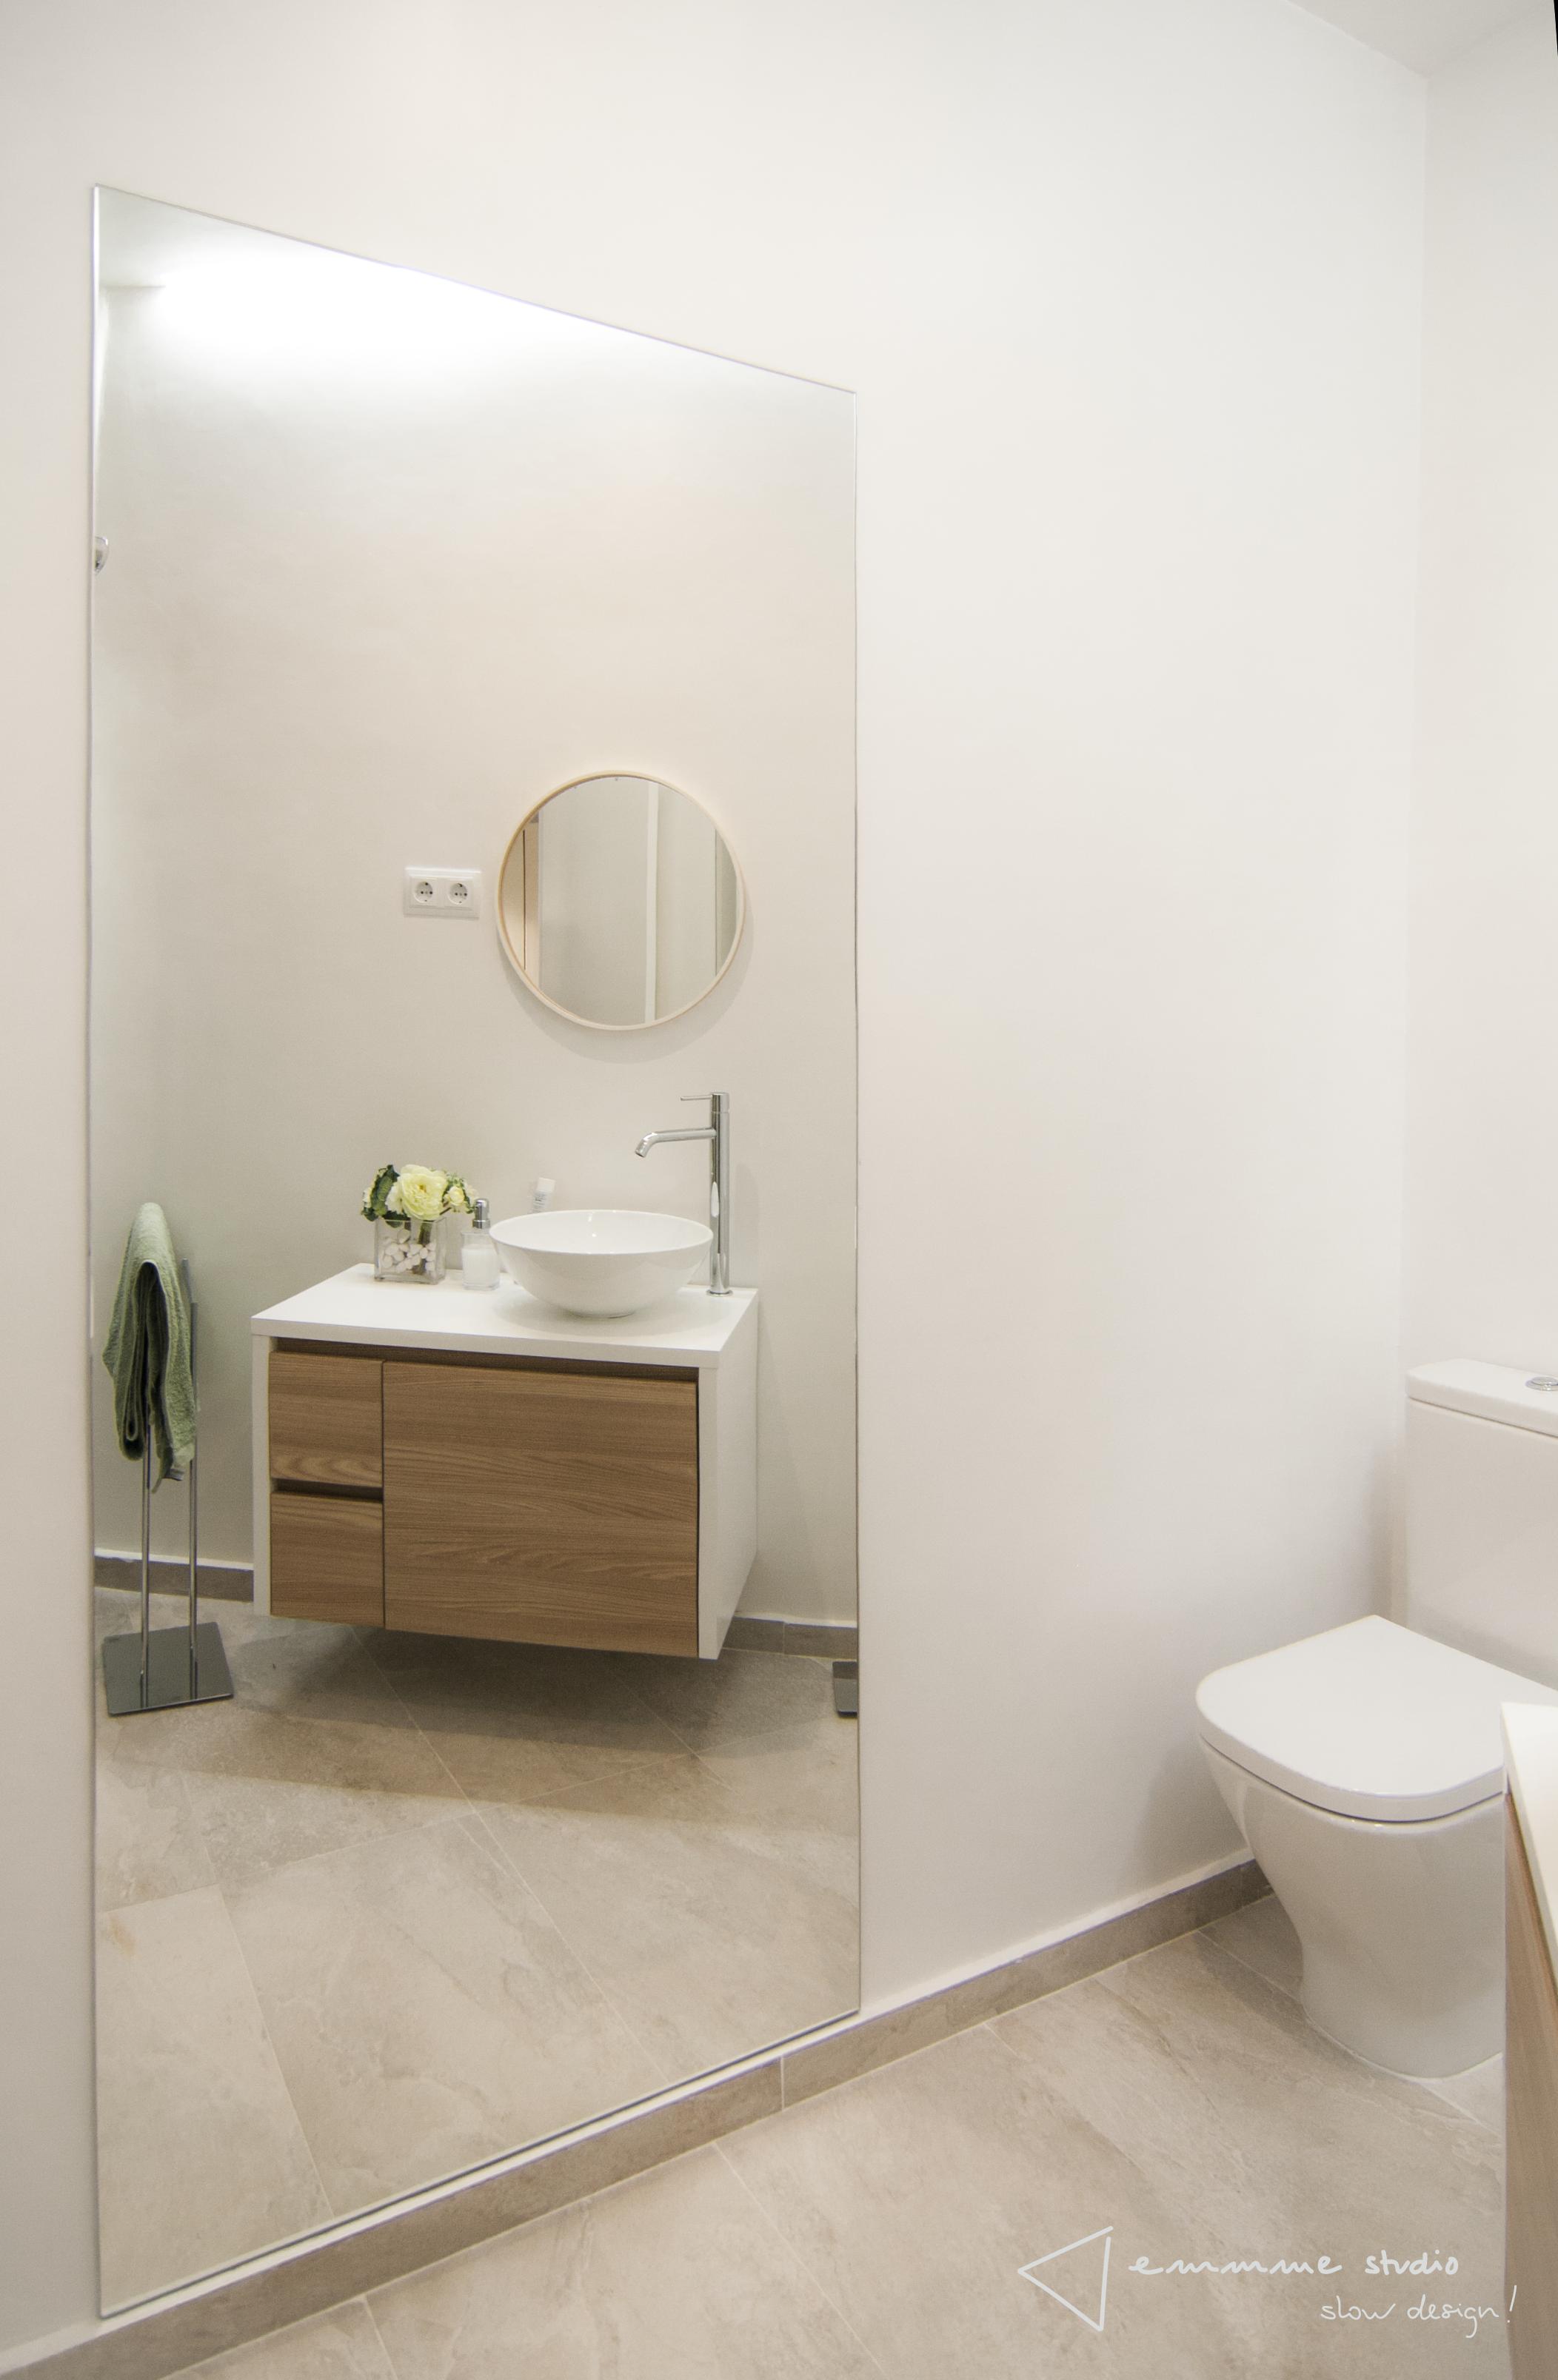 emmme studio_el nuevo baño de m y lola - espejo mueble baño inodoro MA.png